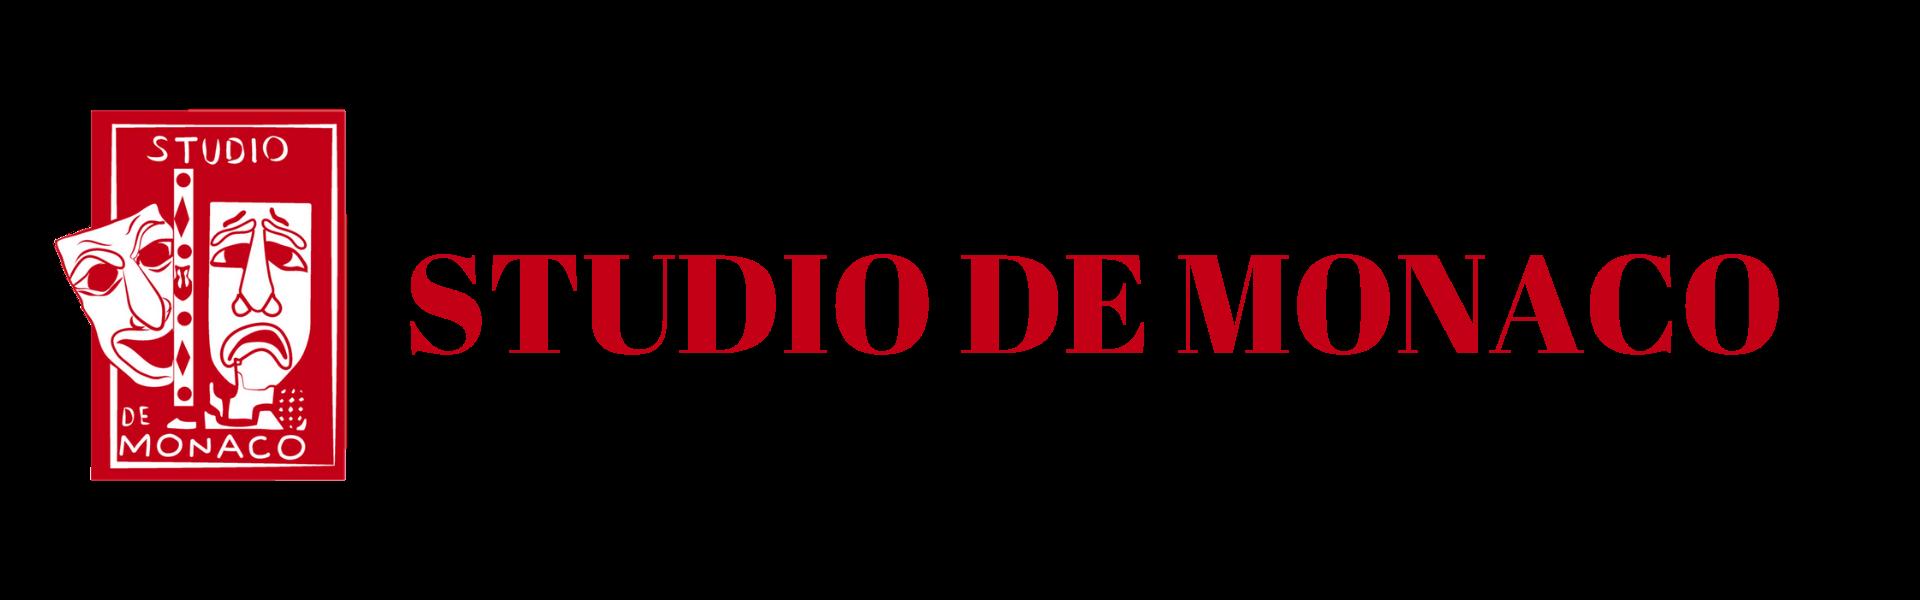 Le Studio de Monaco